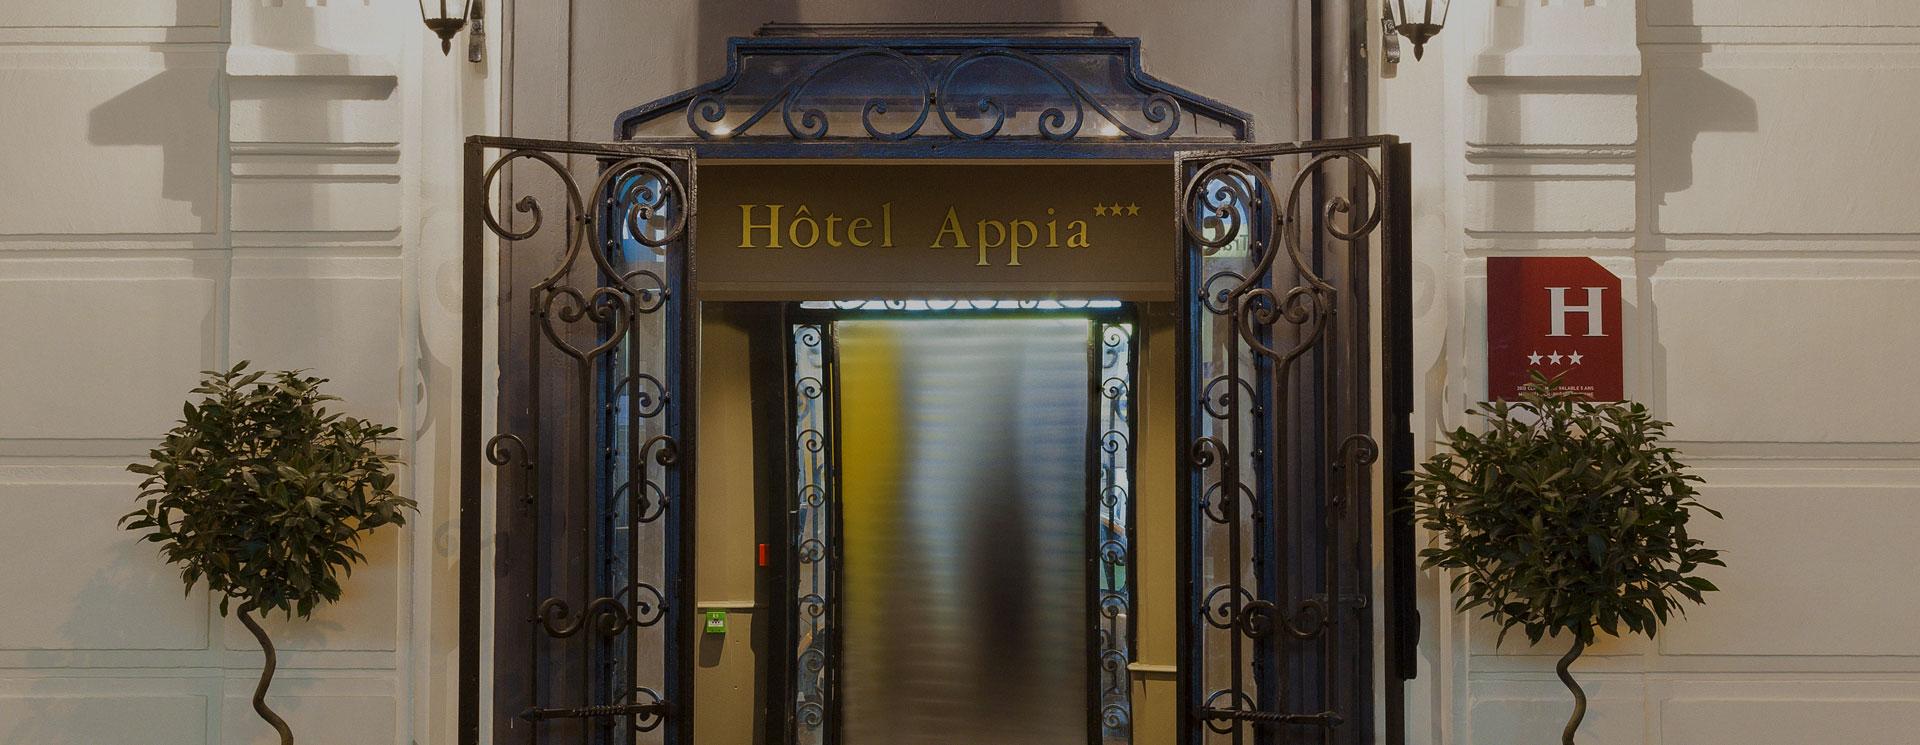 hotel-appia-header-entree-2